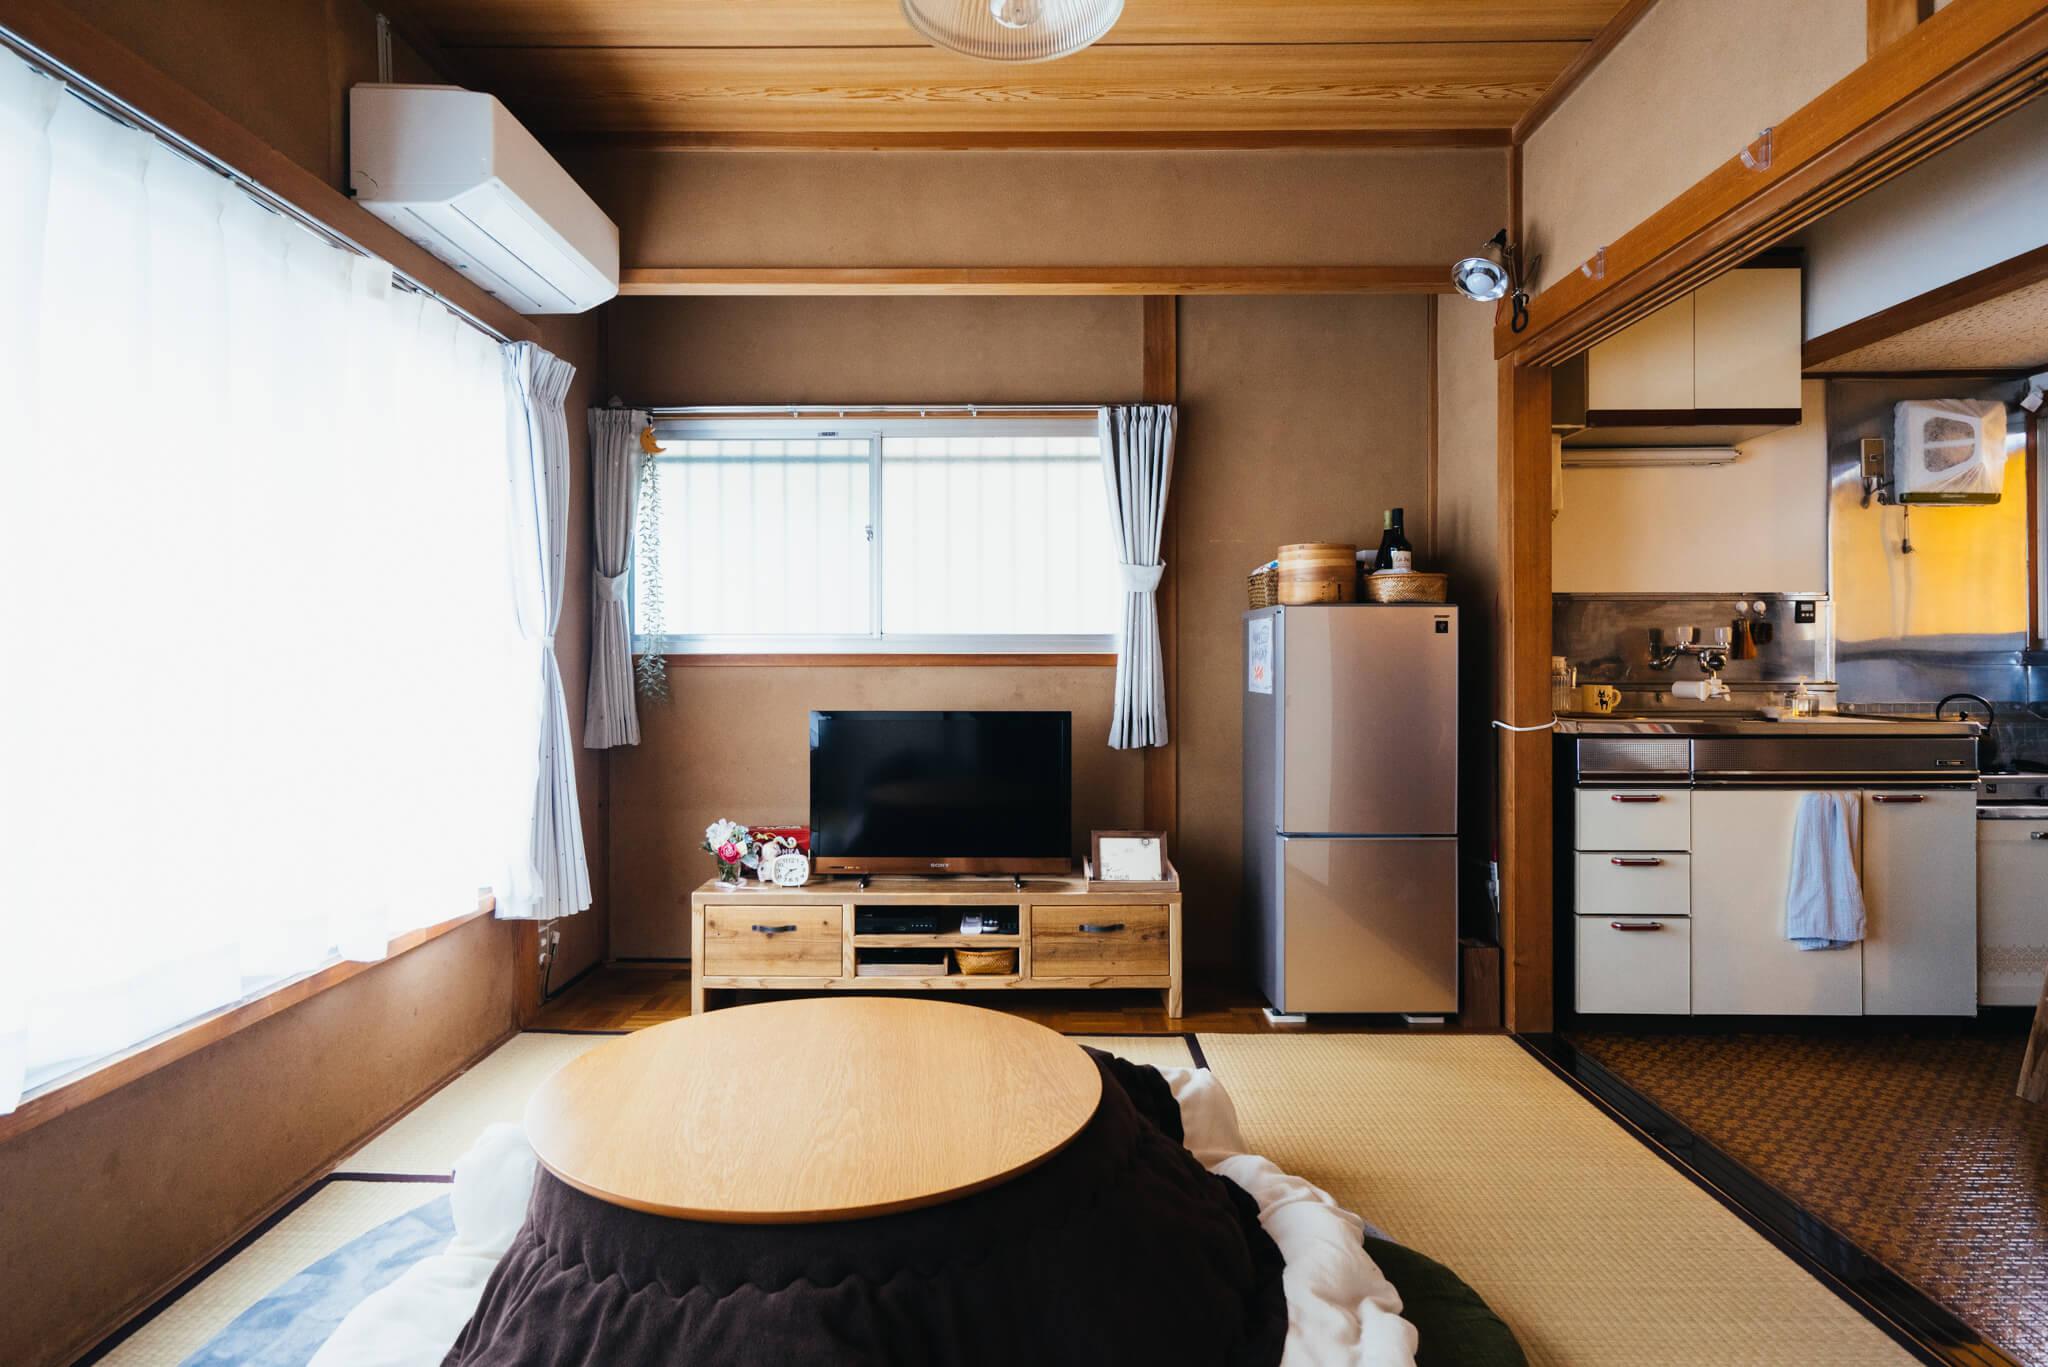 お住まいは、6畳の和室に、キッチン、シャワールームとトイレのある築40年超のアパートです。